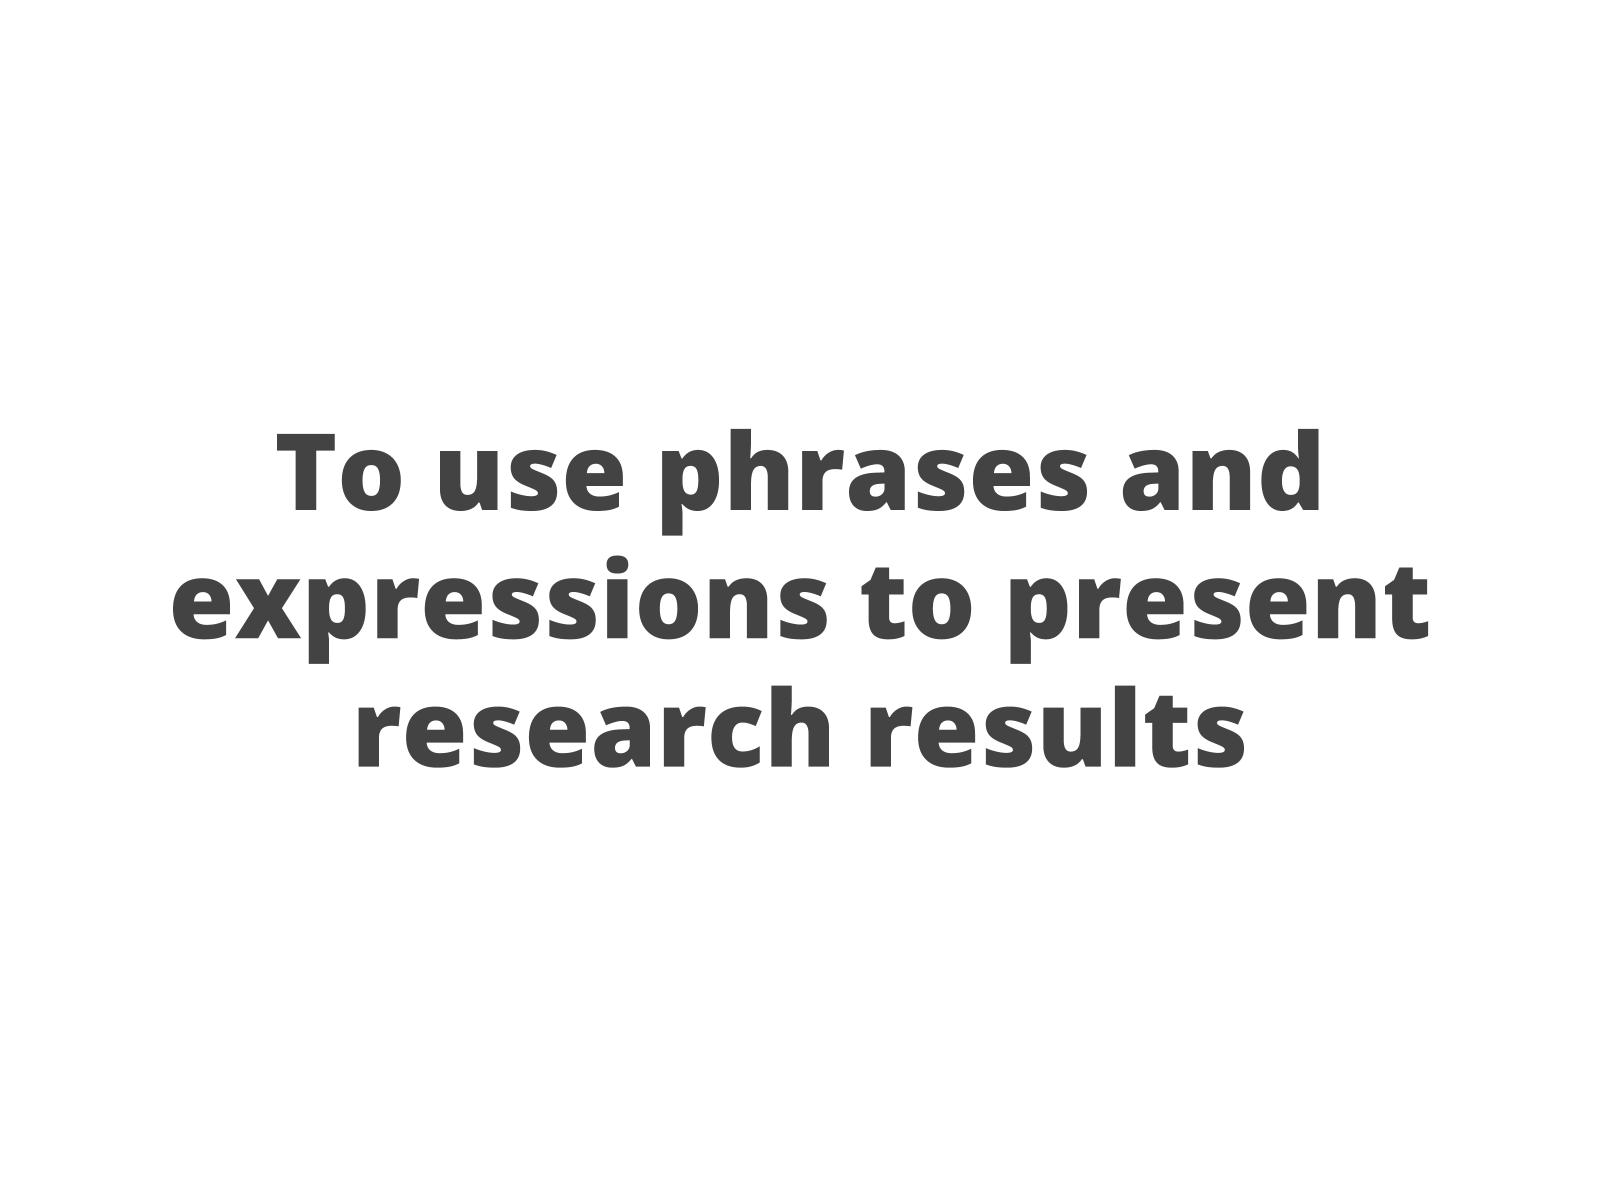 Apresentando resultados de pesquisas